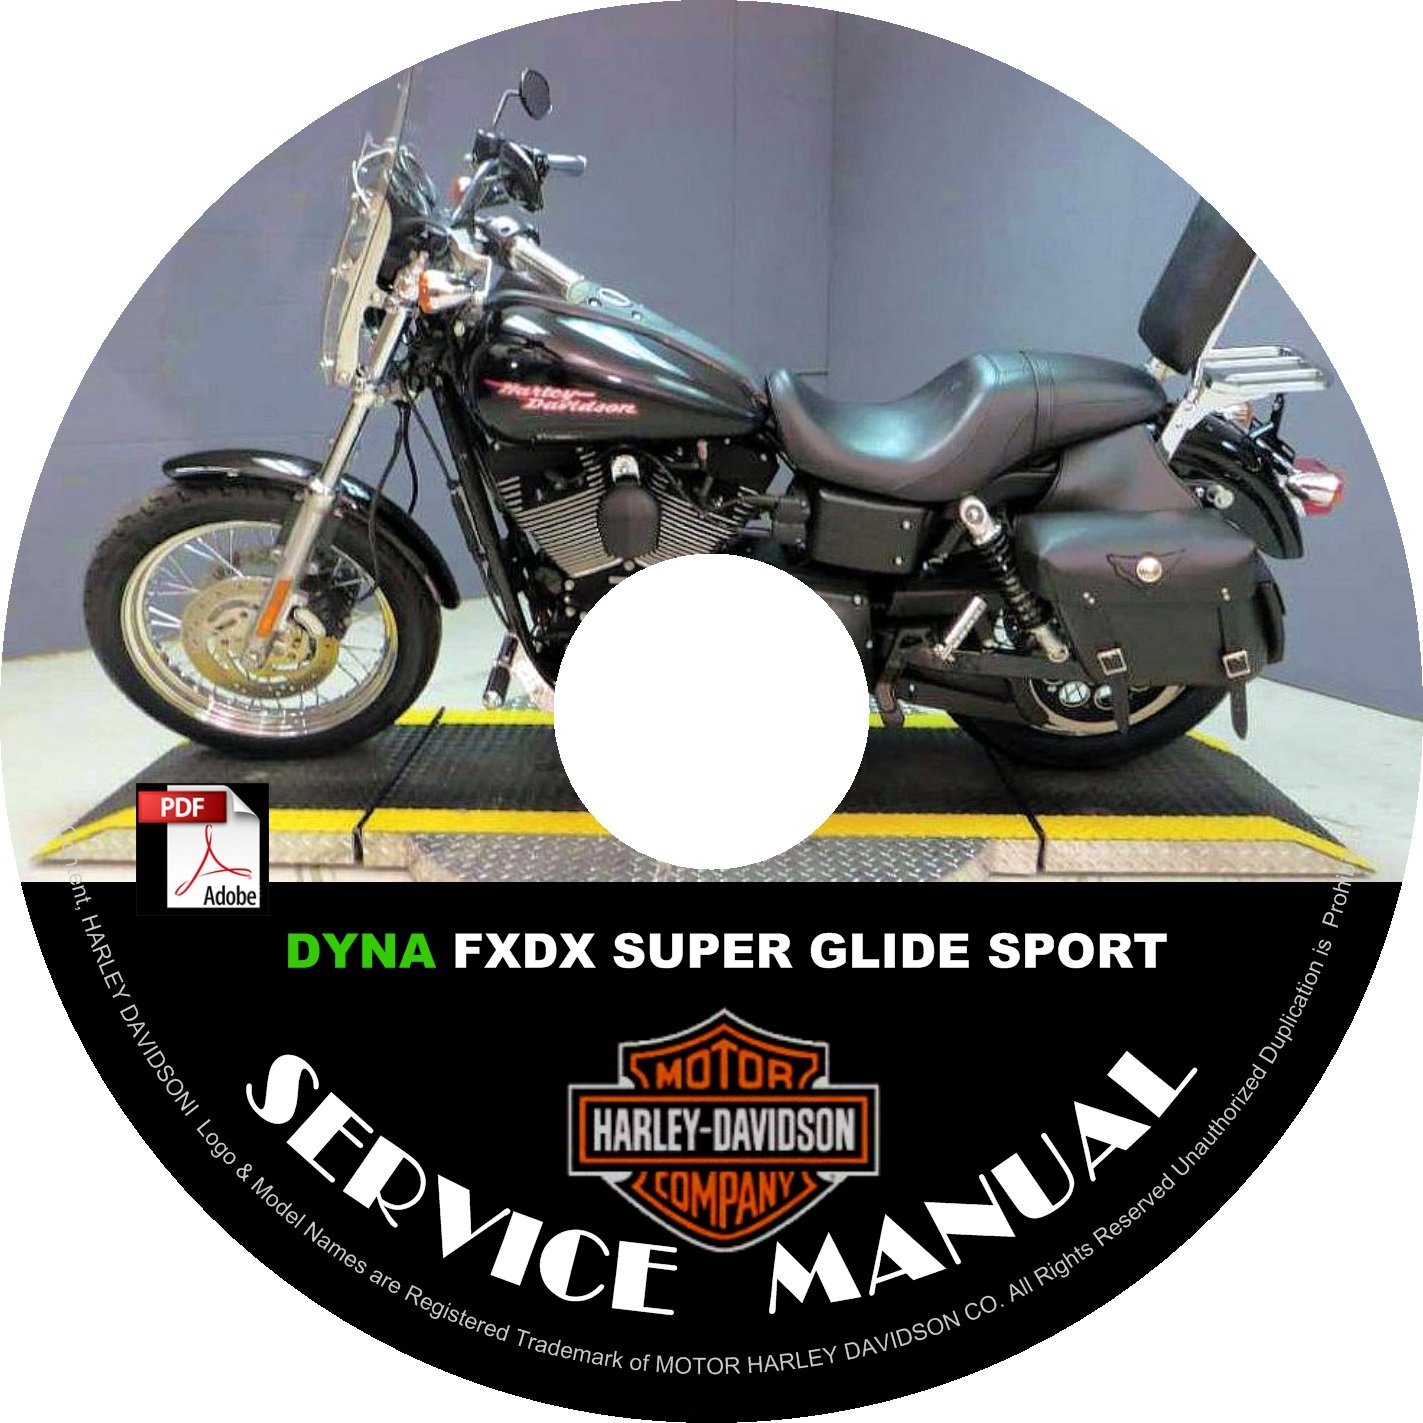 2001 Harley Davidson Dyna FXDX Super Glide Sport Service Repair Shop Manual on CD Fix Build Workshop